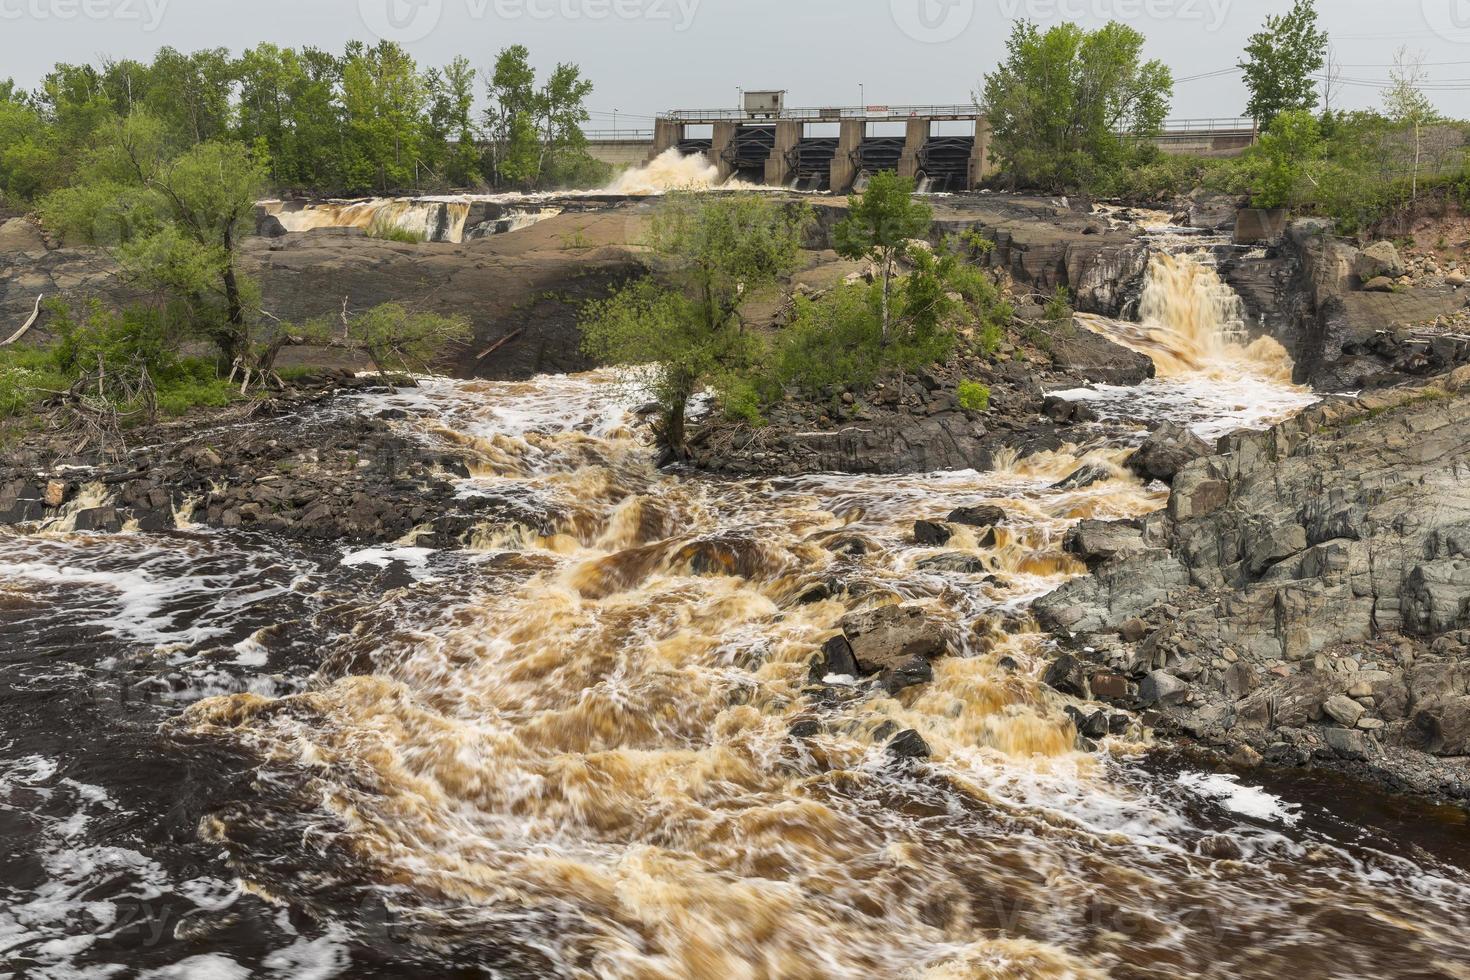 st. louis river dam cênica foto